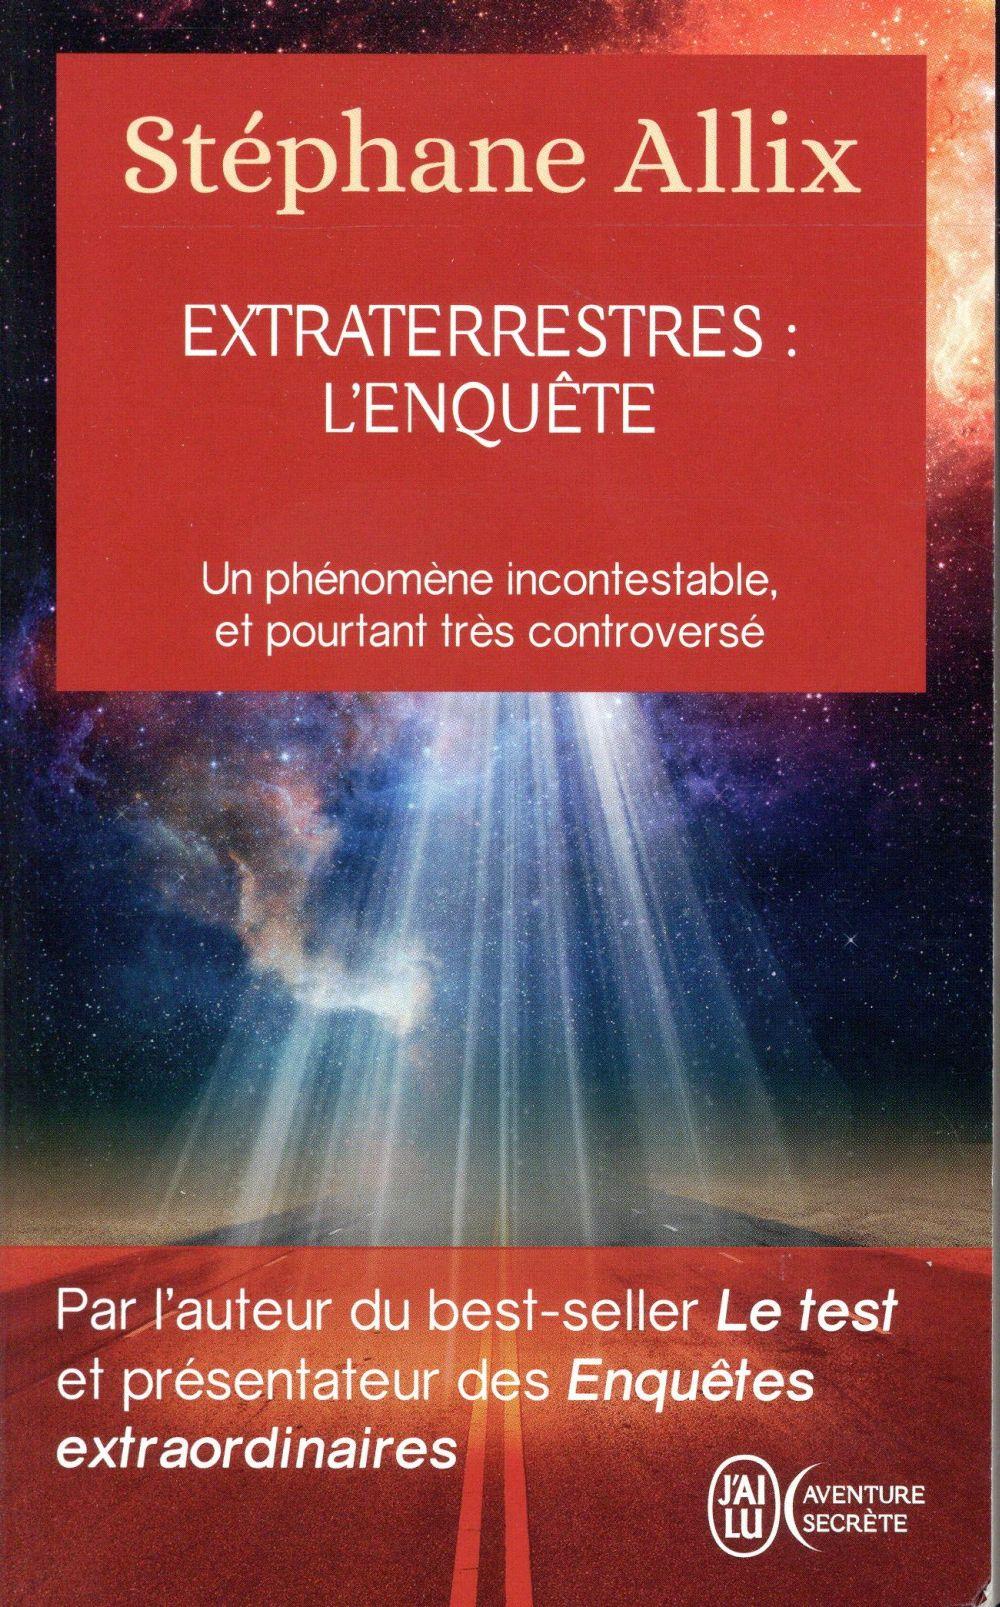 Extraterrestres : l'enquête ; un phénomène incontestable, et pourtant très controversé